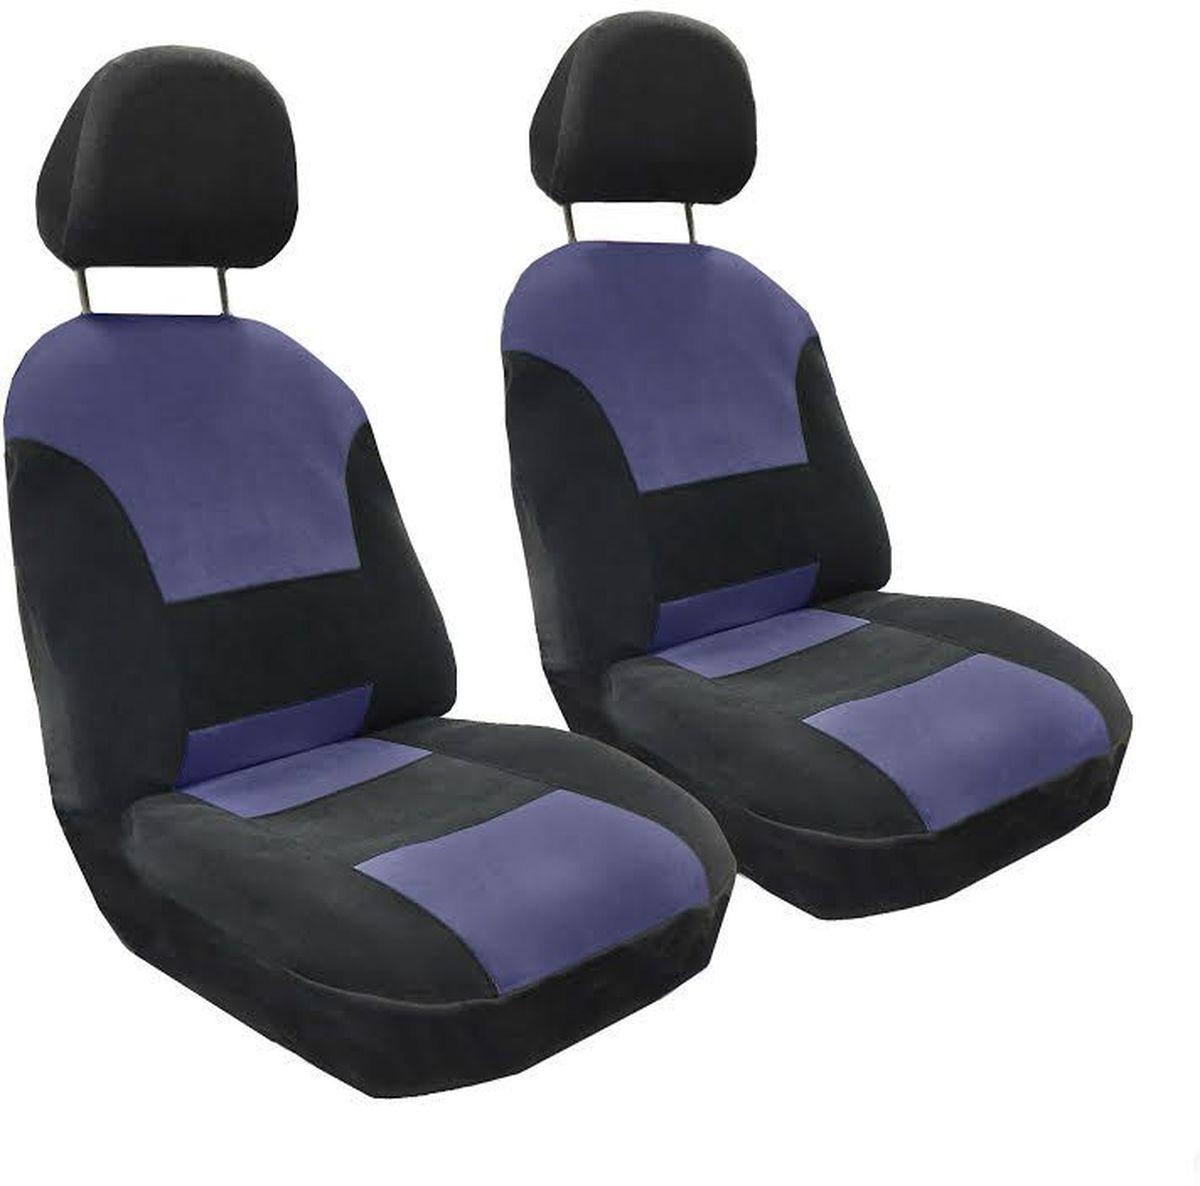 Набор автомобильных чехлов Auto Premium Флагман, цвет: черный, синий, 4 предмета57102Комлект универсальных чехлов на передние сиденья выполнен из велюра, предназначен для передних кресел автомобиля. На задней спинке чехла расположен вшивной карман. В комплект входят съемные чехлы для подголовников .Практичный и долговечный комплект чехлов для передних сидений надежно защищает сиденье водителя и пассажира от механических повреждений, загрязнений и износа.